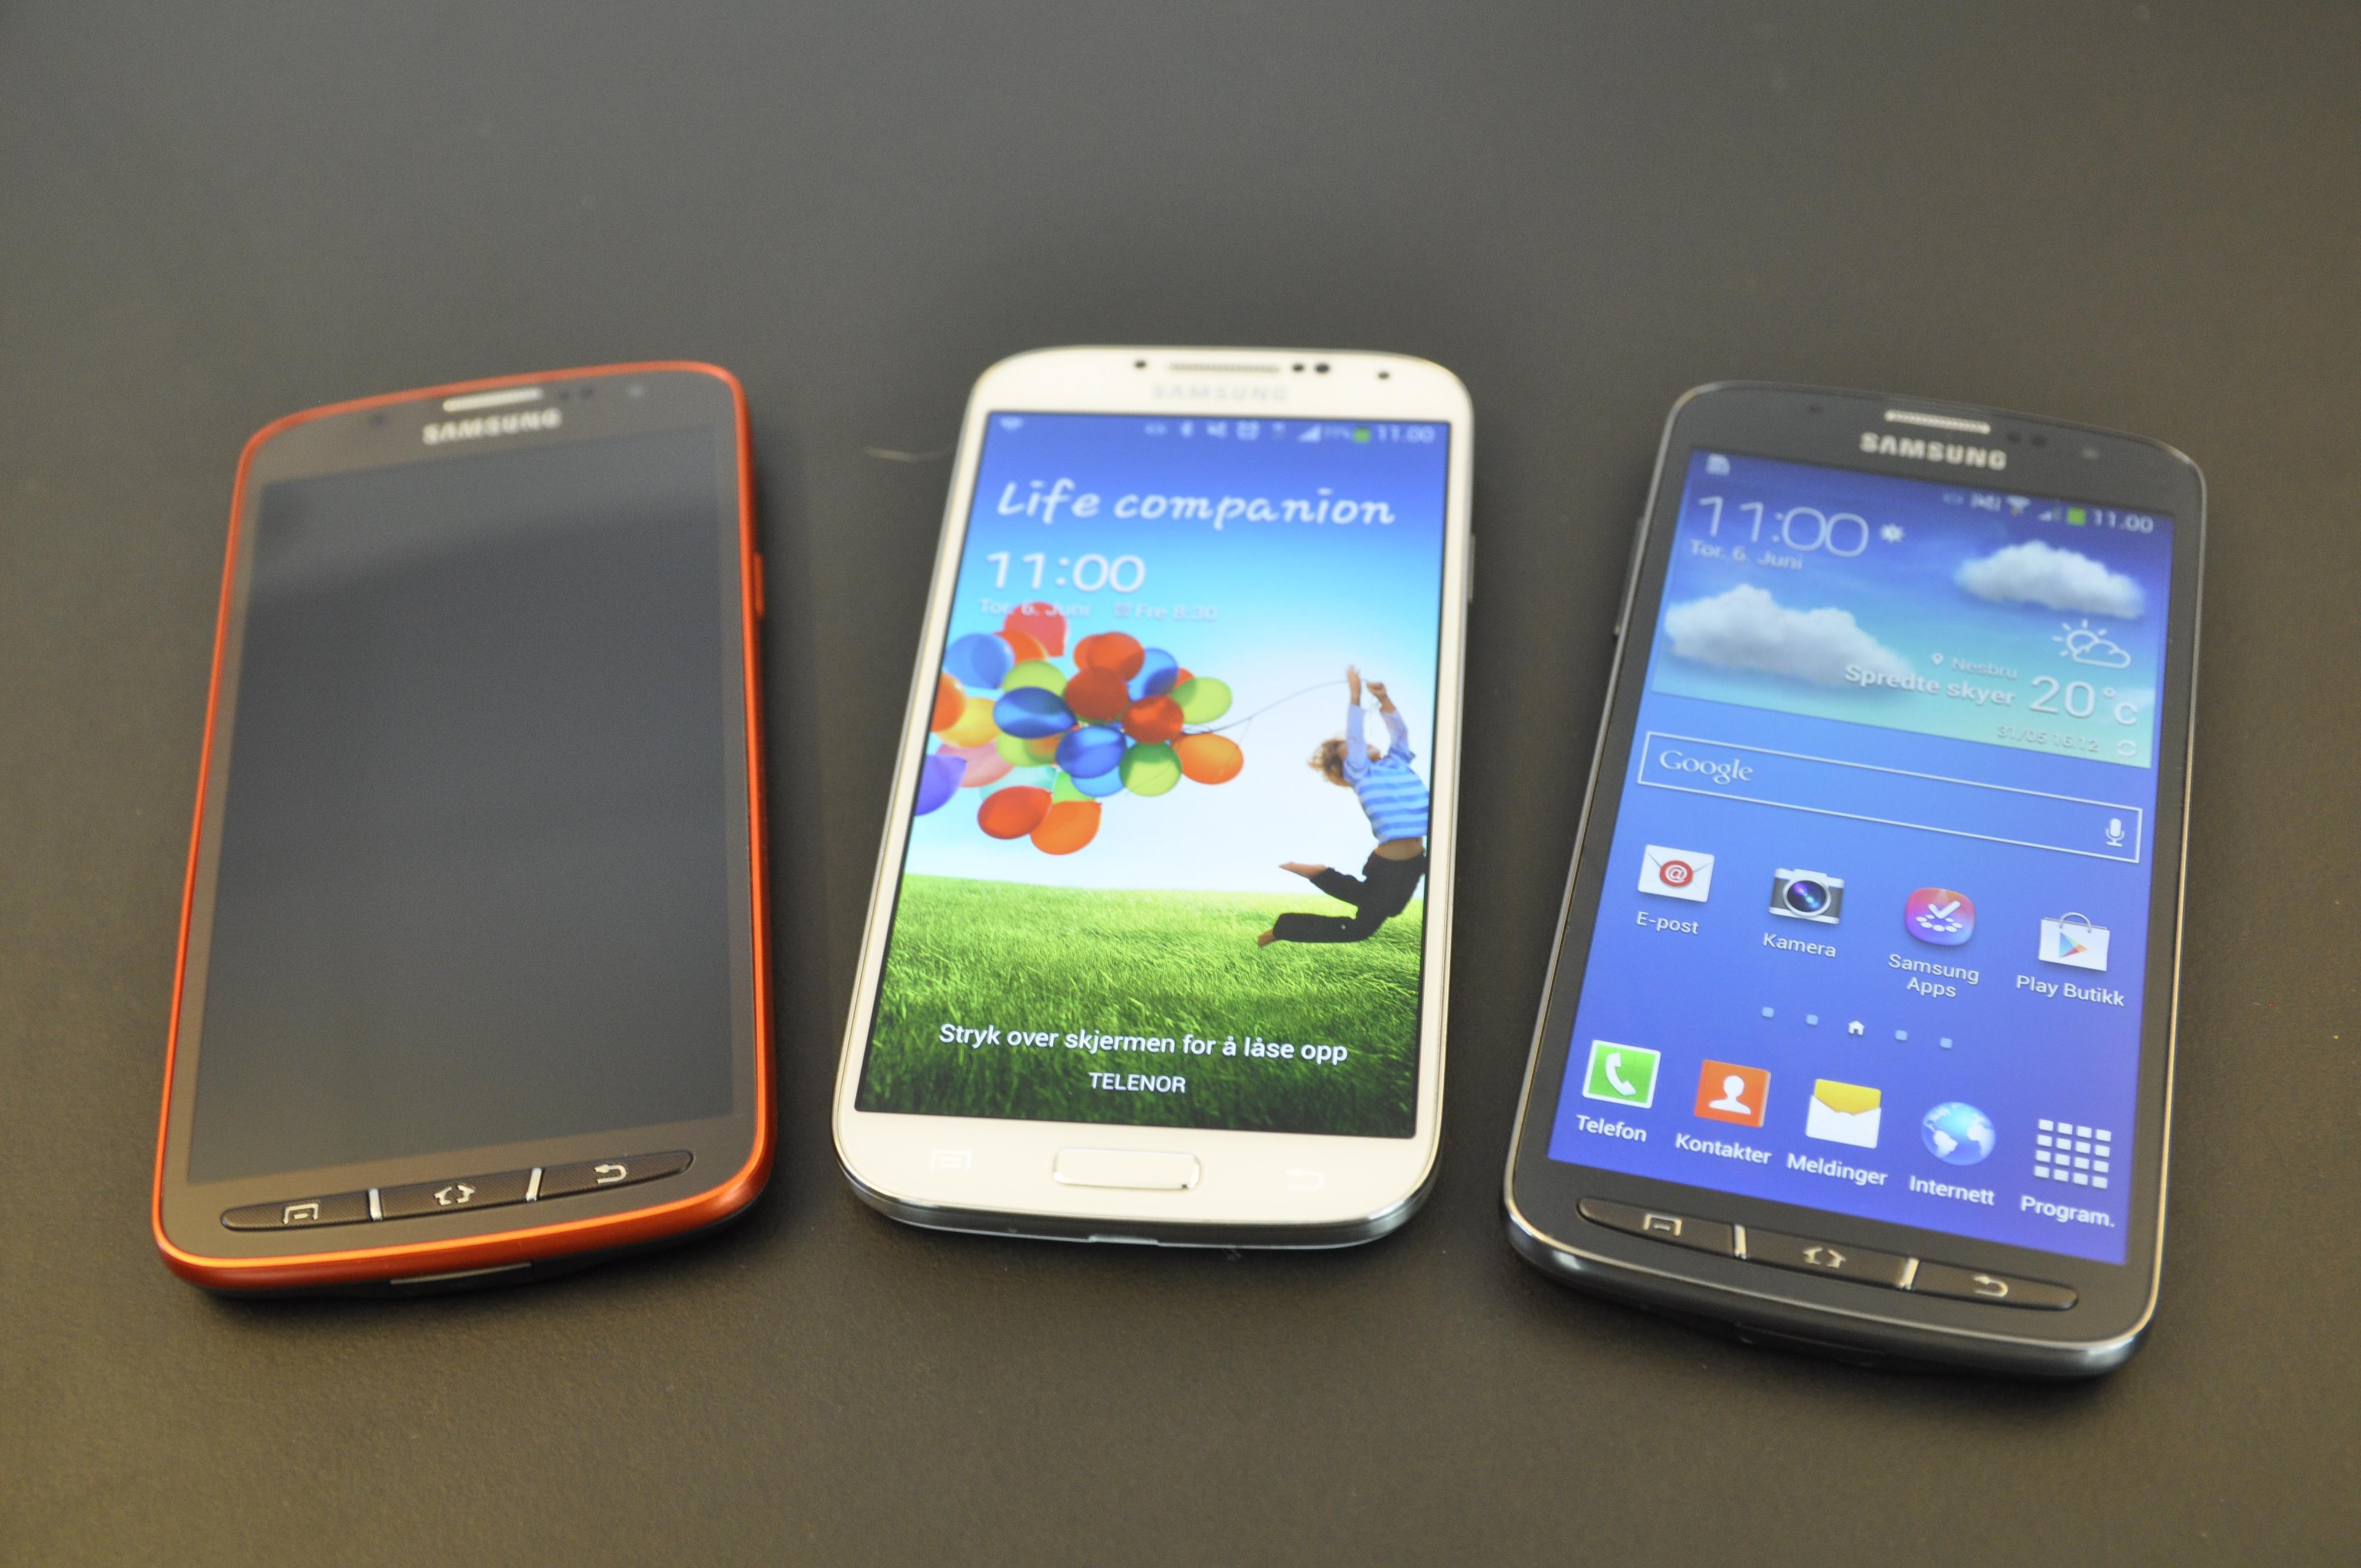 Størrelsesforskjellen mellom Galaxy S4 Active og Galaxy S4 i midten av bildet, er ikke påtrengende.Foto: Finn Jarle Kvalheim, Amobil.no